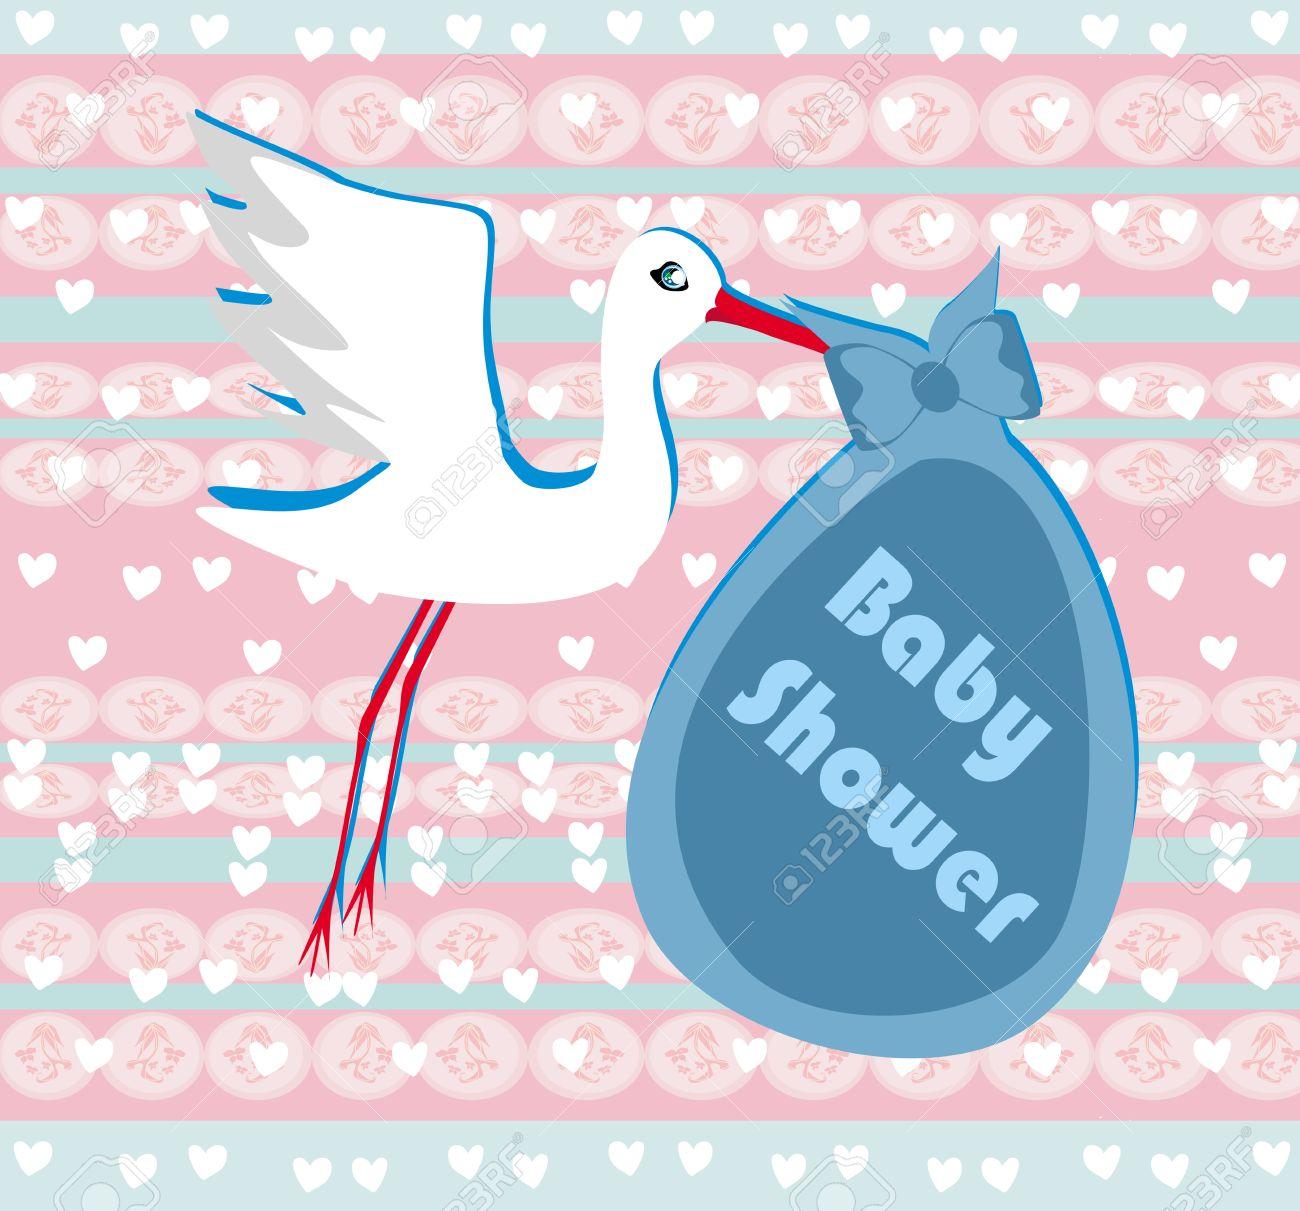 Babyparty Einladung Vorlage   Baby Boy Ankunft Ankündigung Karte  Lizenzfreie Bilder   25743827